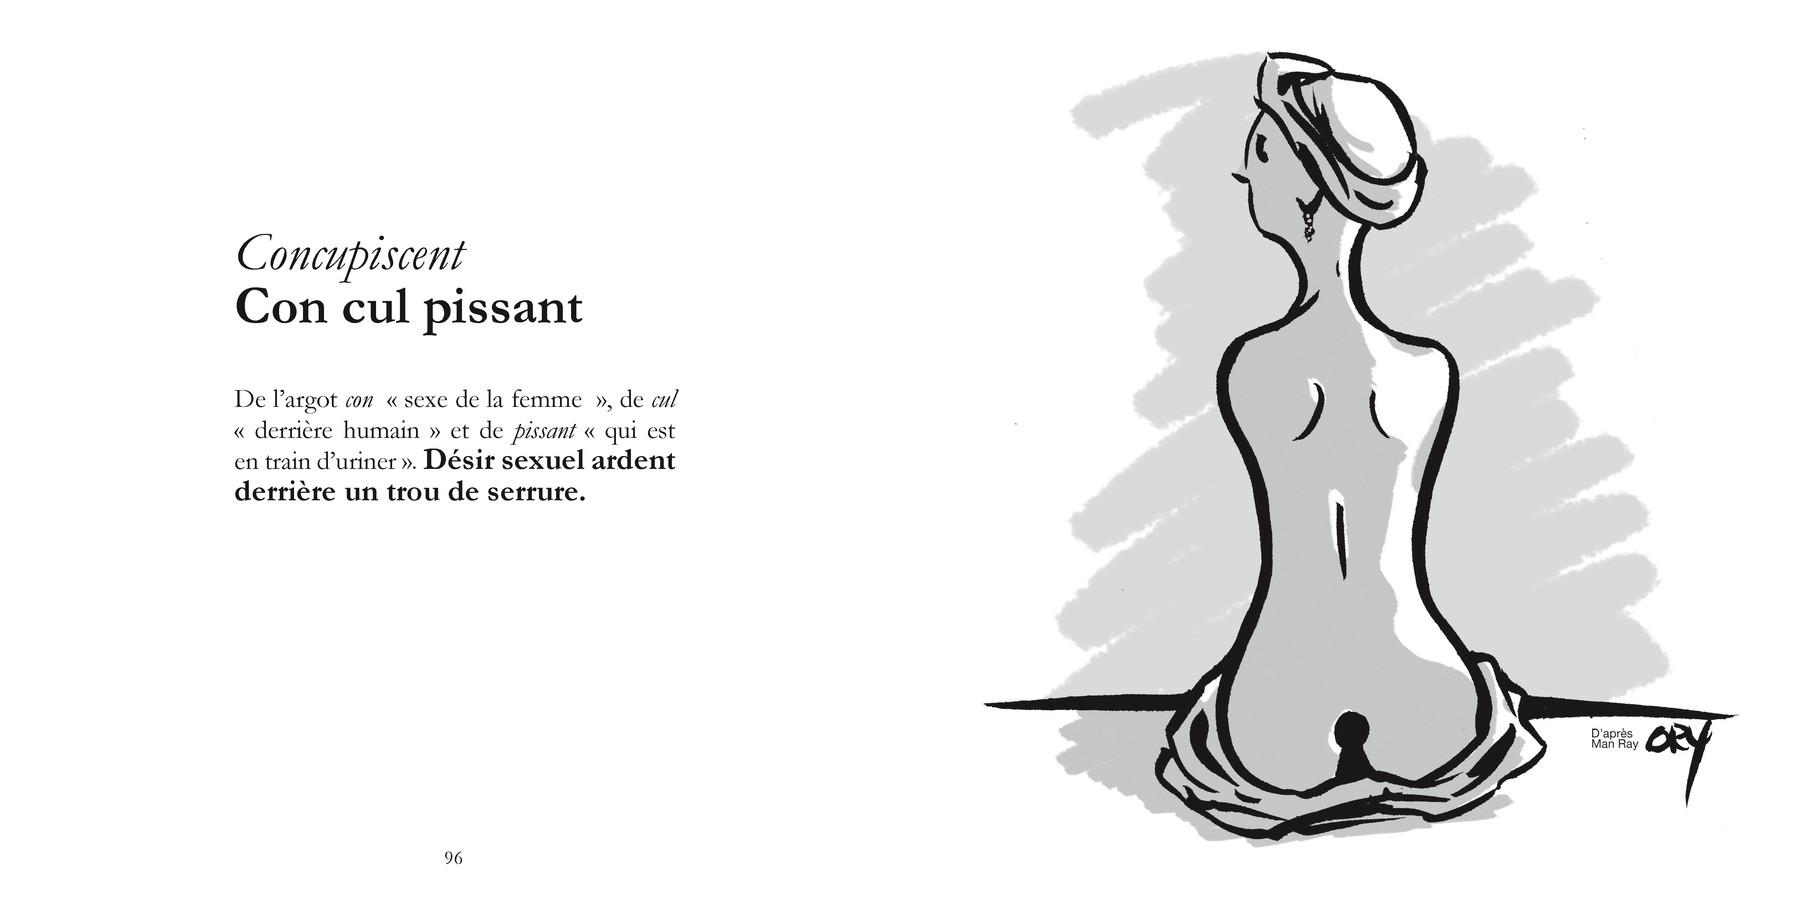 Concupiscent - Con cul pissant /  P96-97 du Bestof 1 / Texte Edith - Dessin Philippe Ory -  Droits réservés   Reproduction interdite